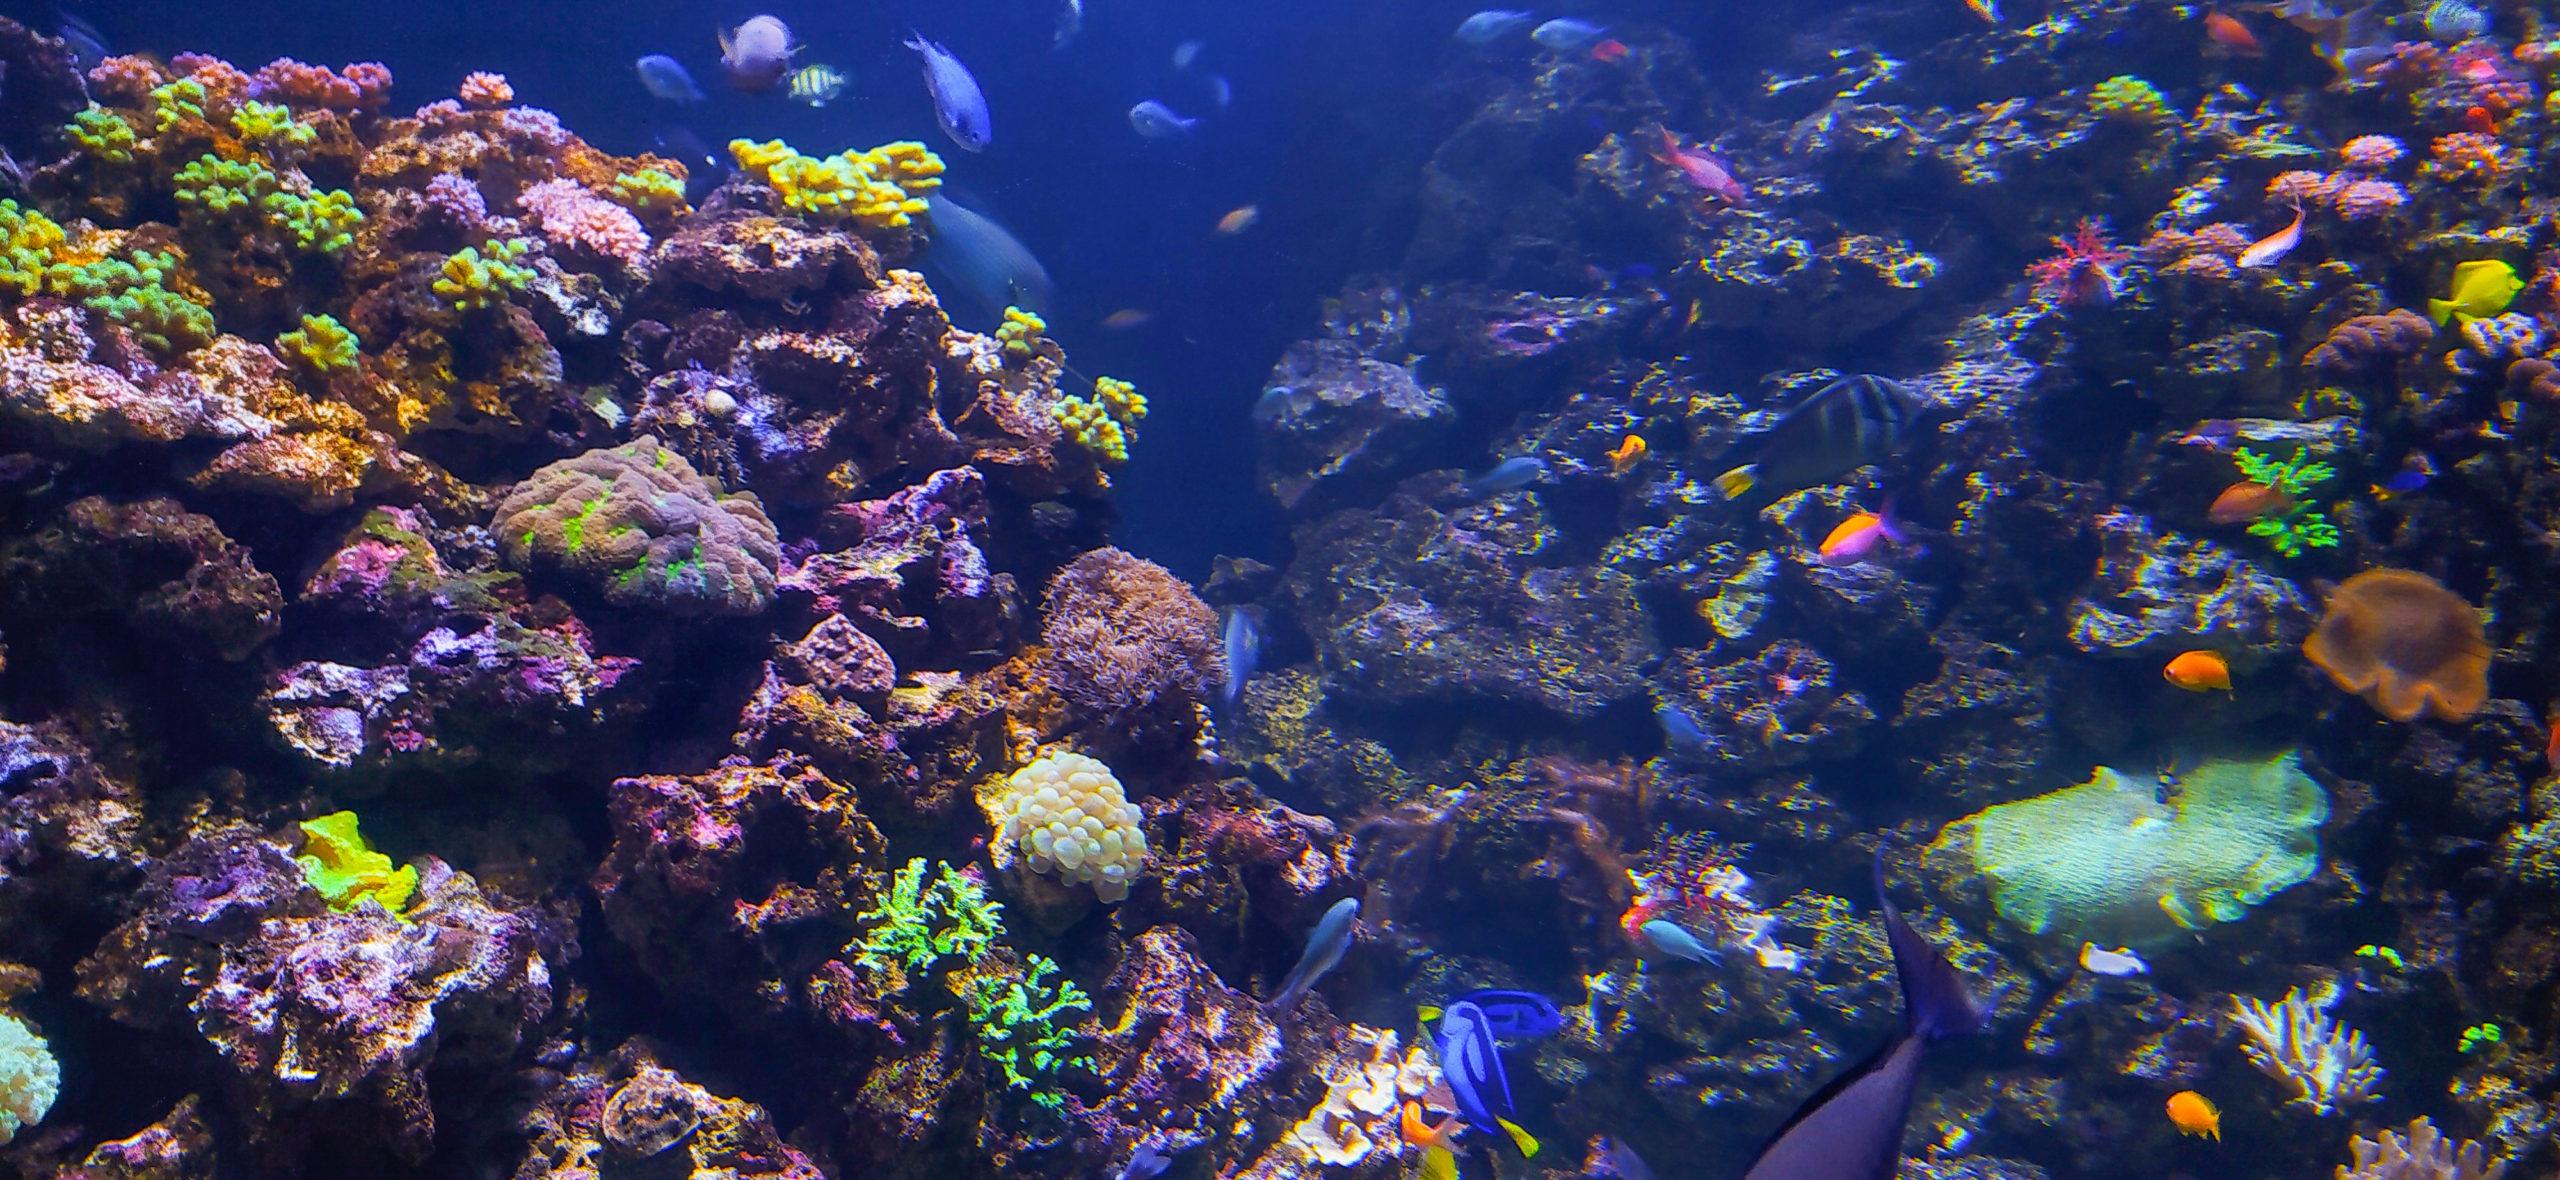 riodejaneiro-aquario